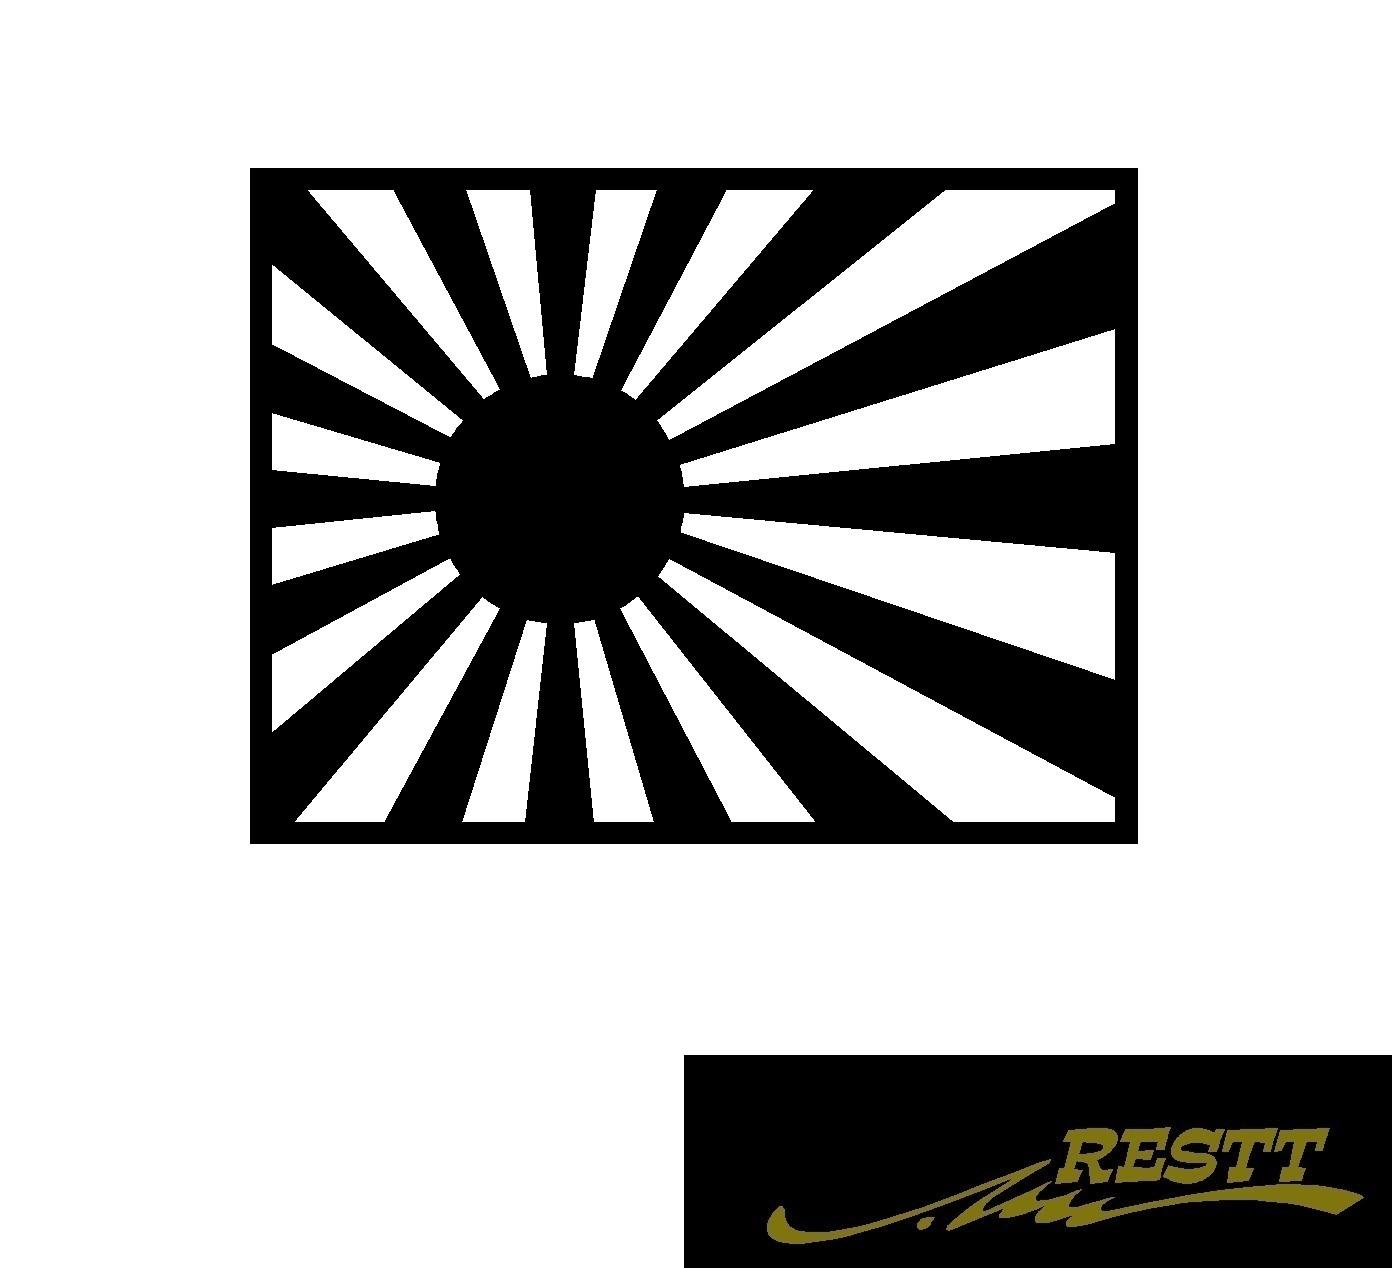 豊富なカラー20色から作成超定番デザイン 日章旗 旭日旗 ロゴ 枠あり 公式 特大サイズ カッティングステッカー SALE